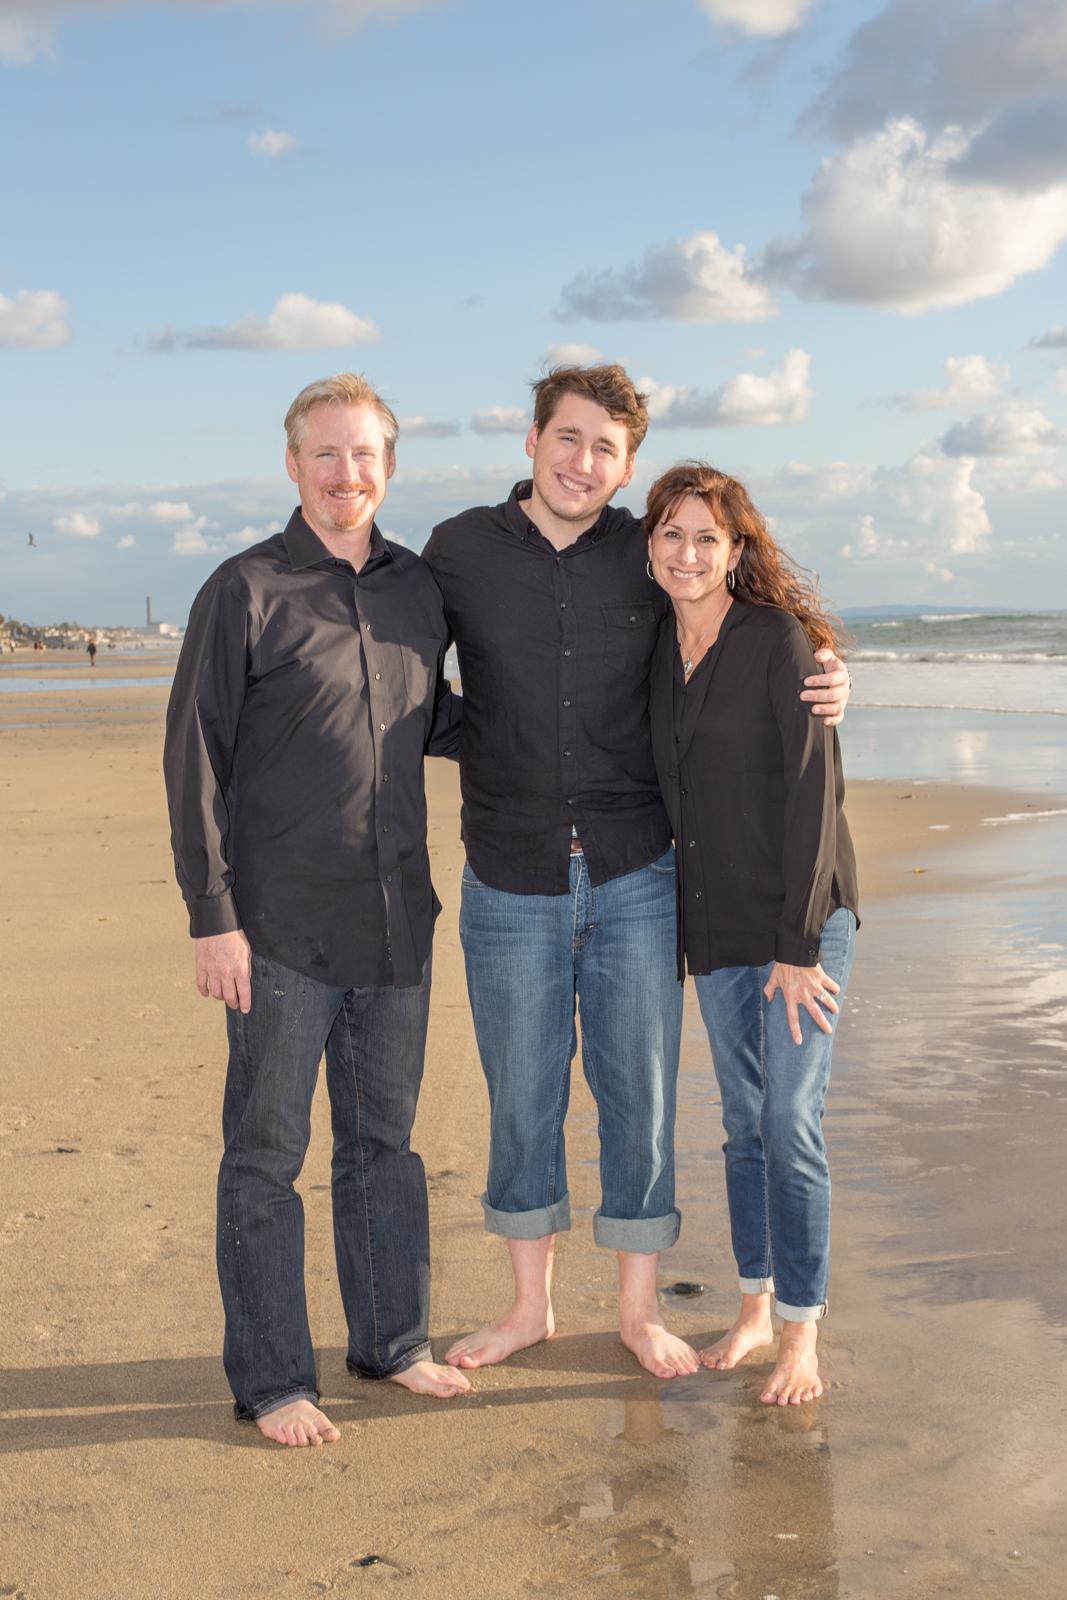 Oceanside Family photo shoot